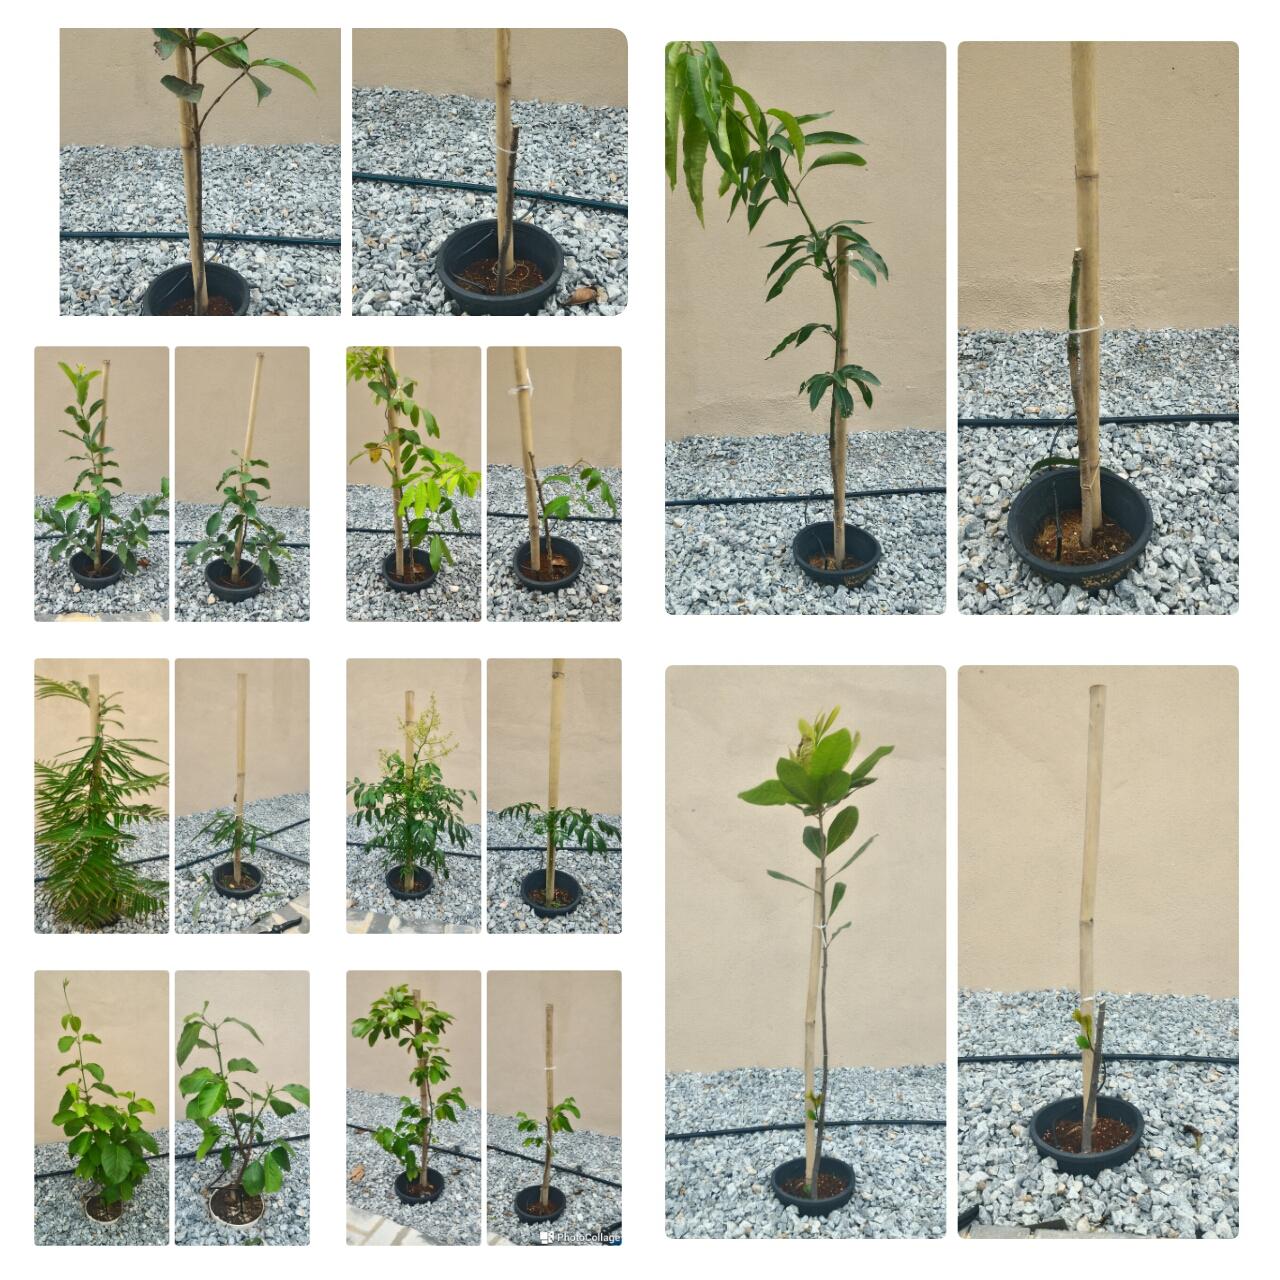 Pruning July Pokok Dusun bandar